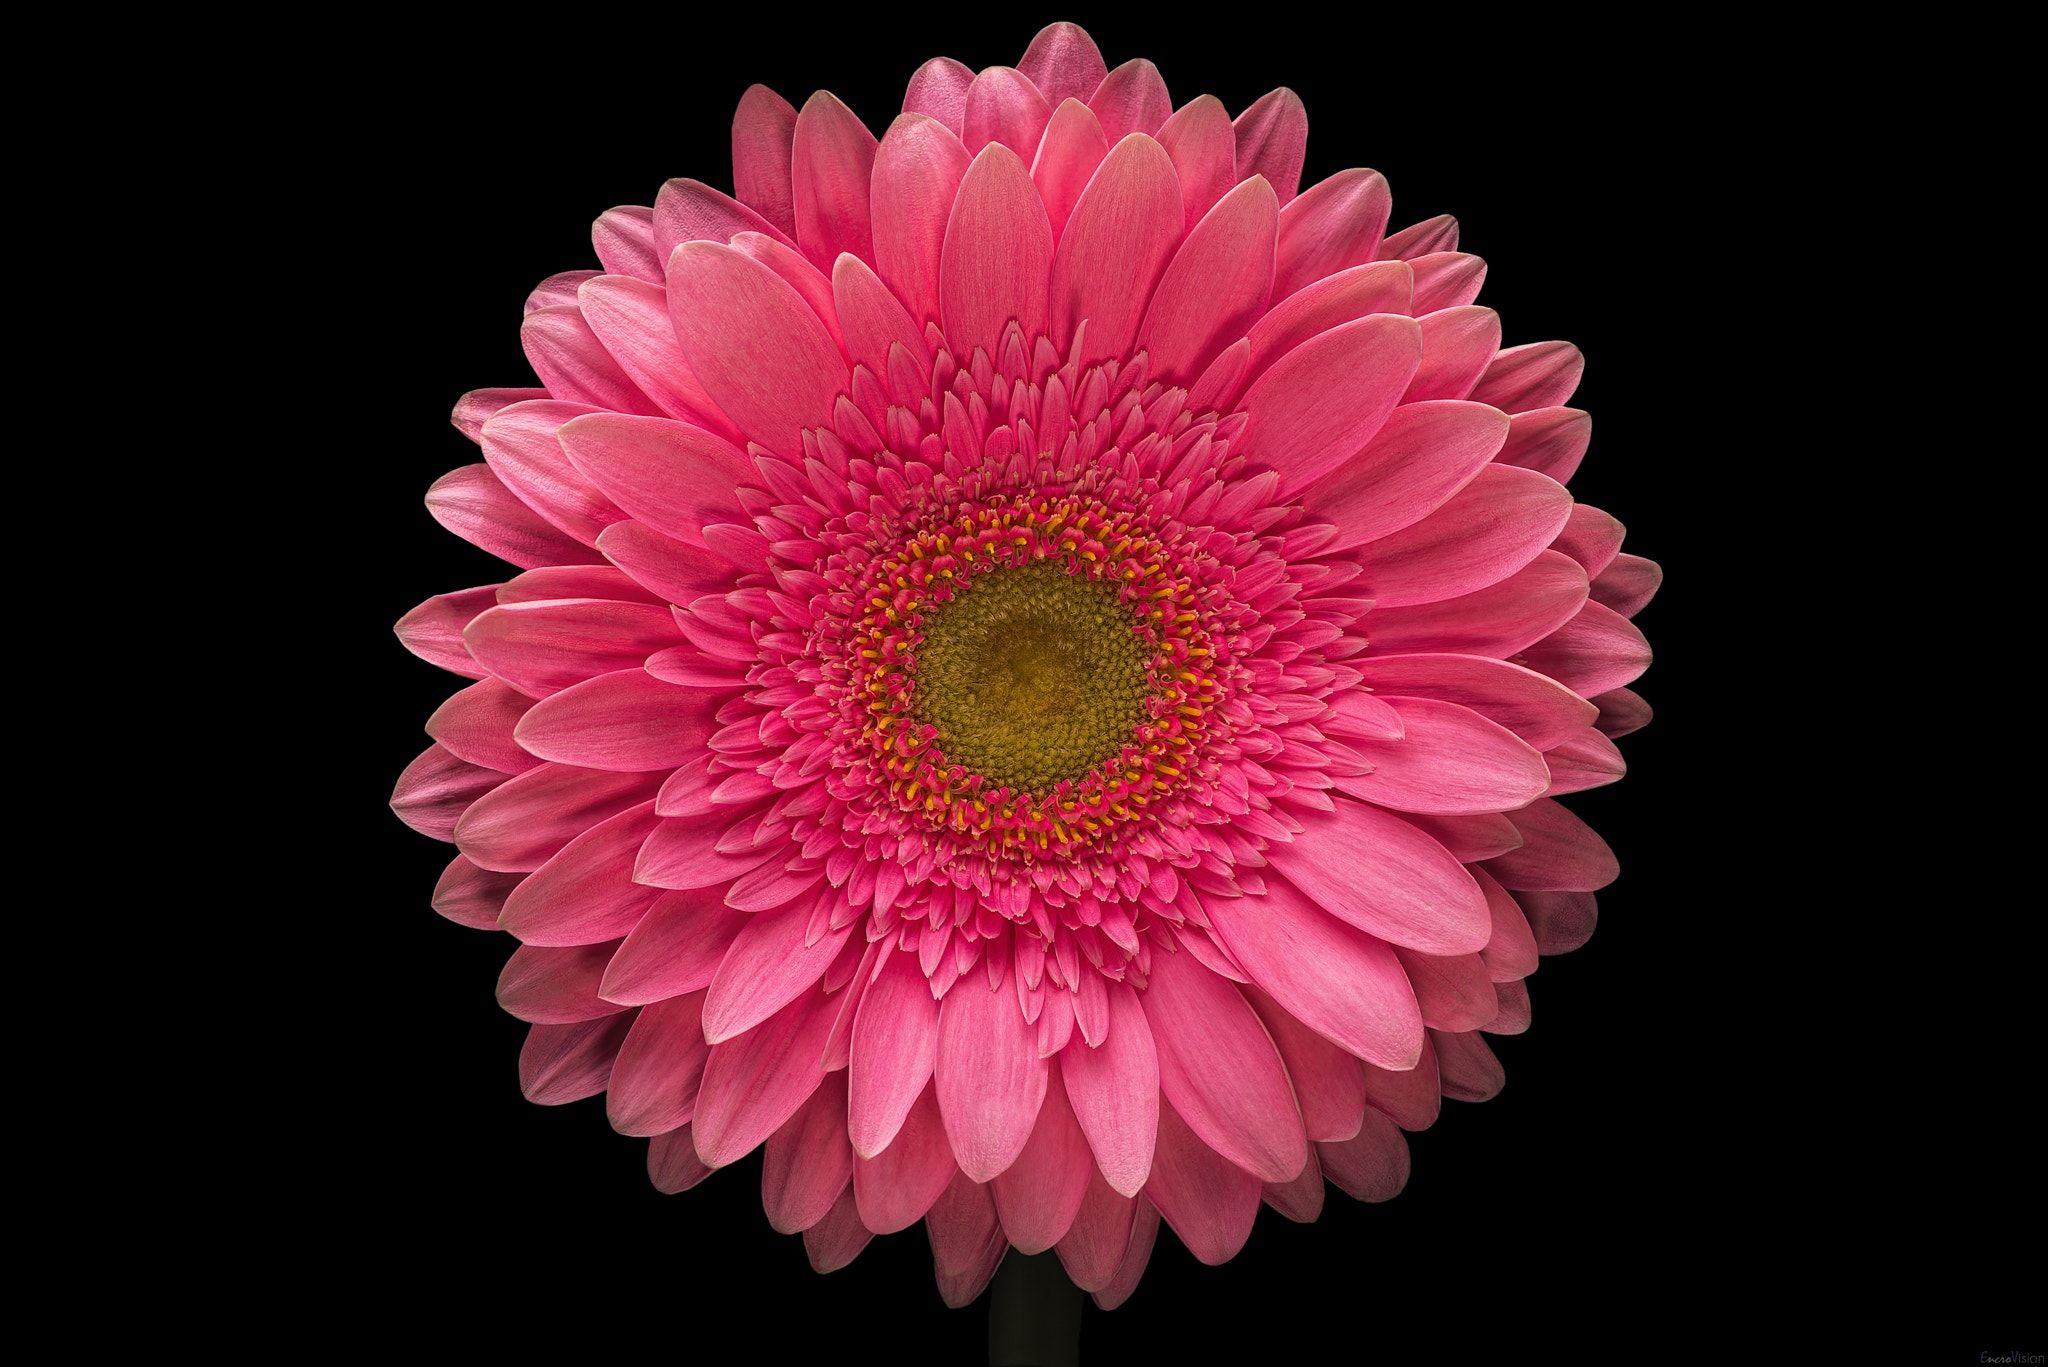 Pink Gerbera Daisy On Black Gerbera L Is A Genus Of Plants